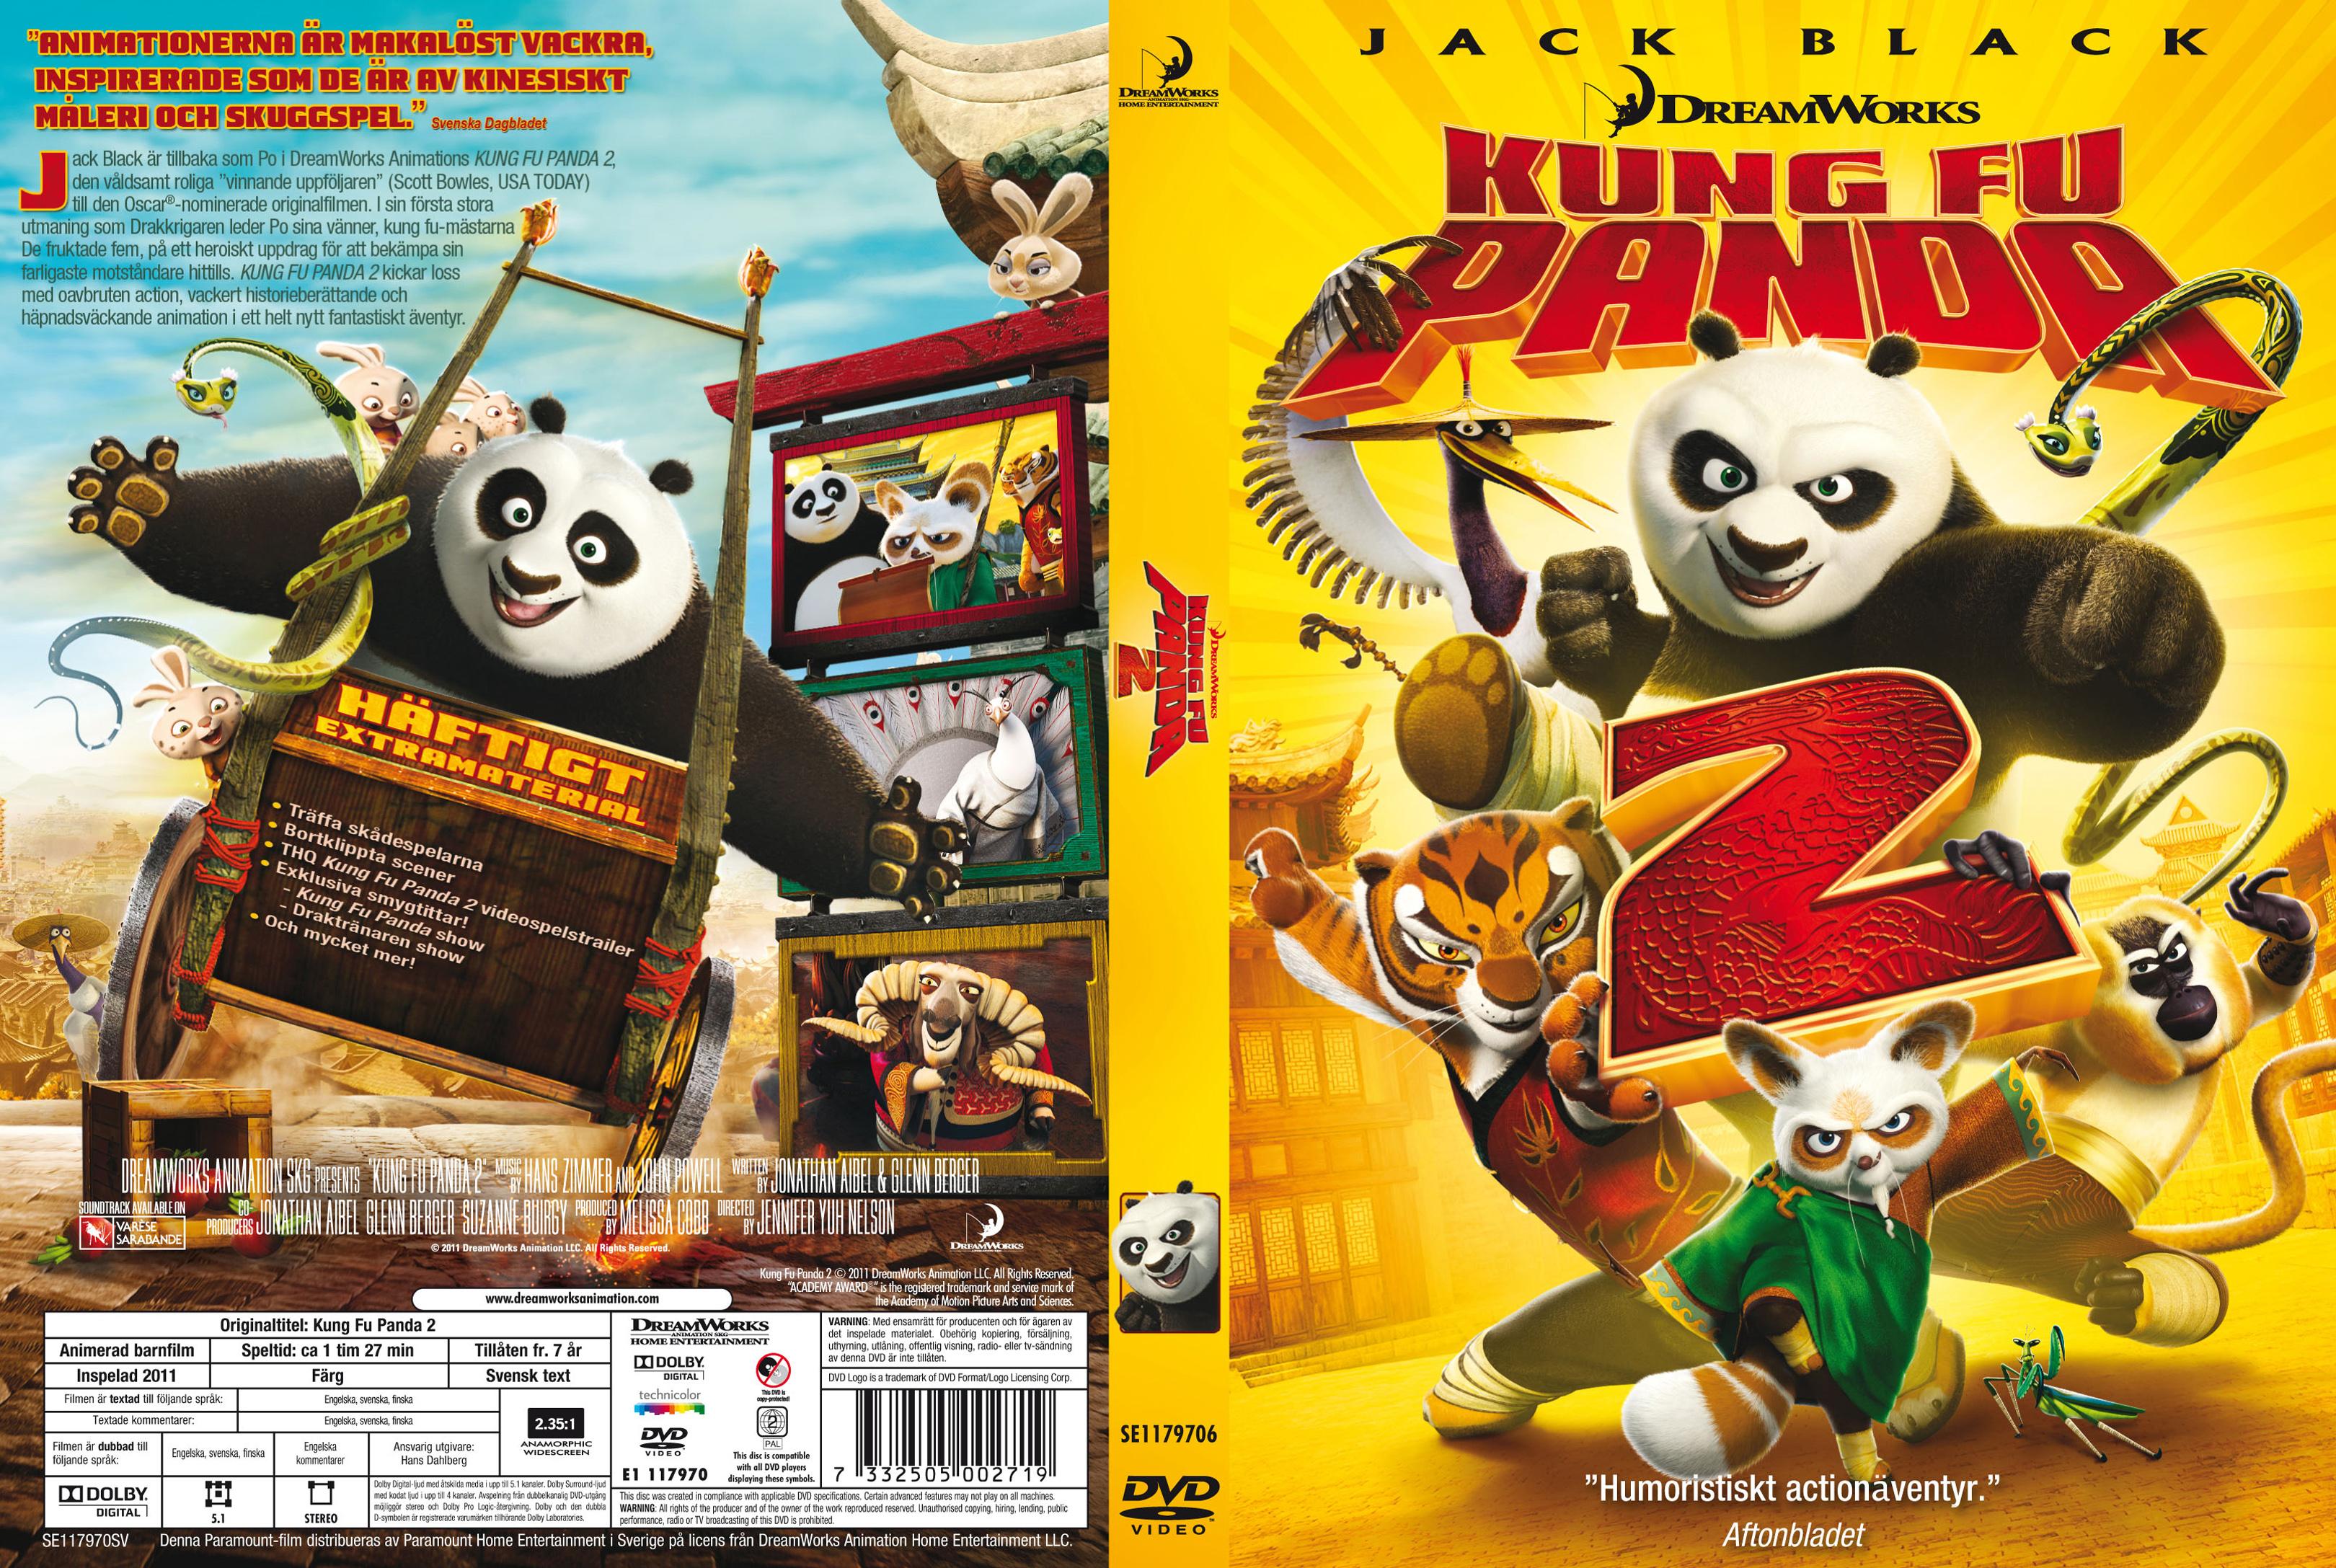 Kung Fu Panda 2 Dvd Cover COVERS.BOX.SK ::: Kung...